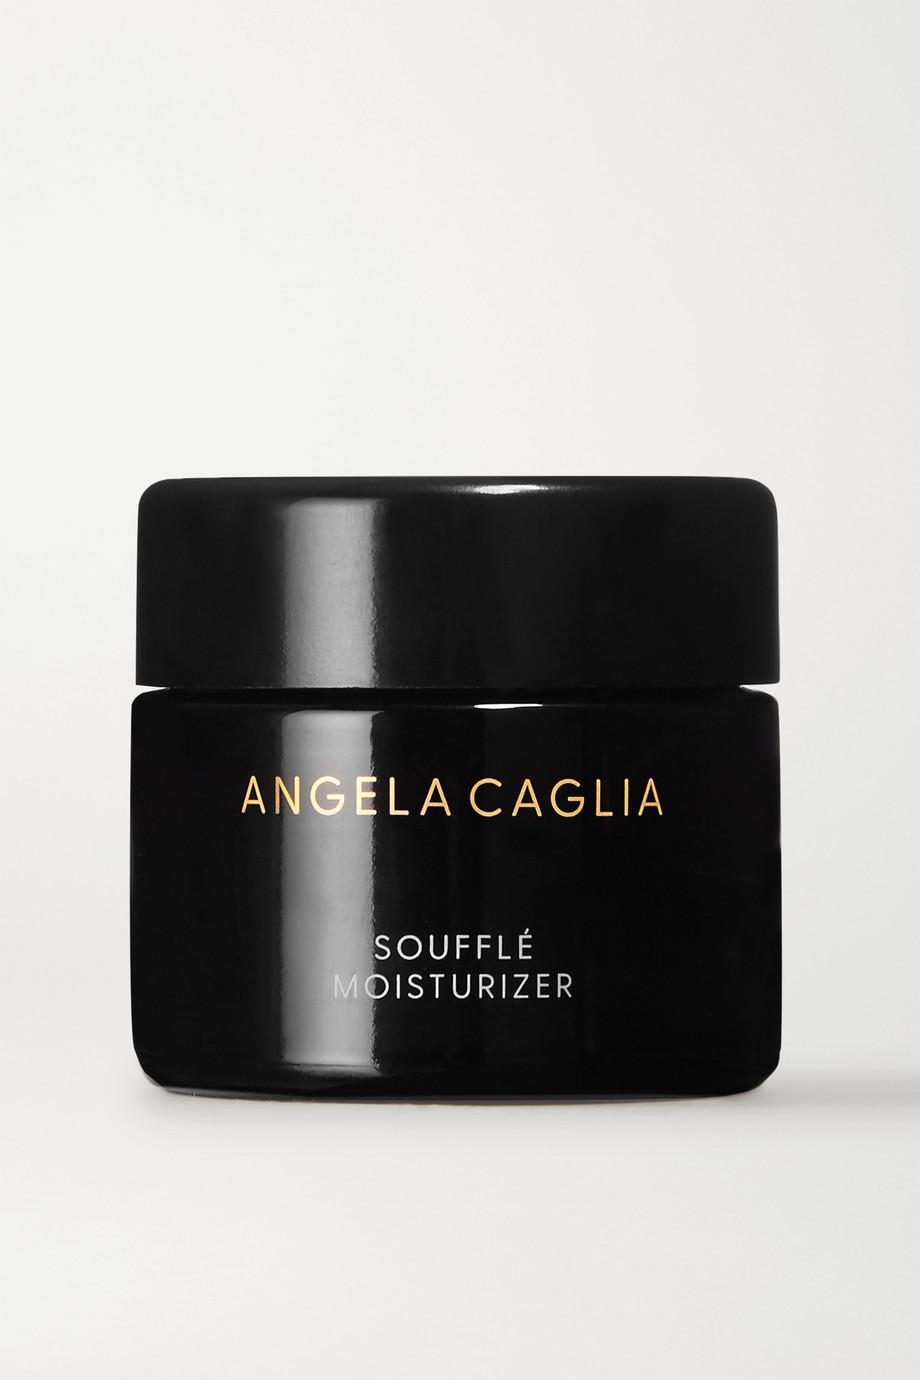 Angela Caglia Soufflé Moisturizer, 50ml